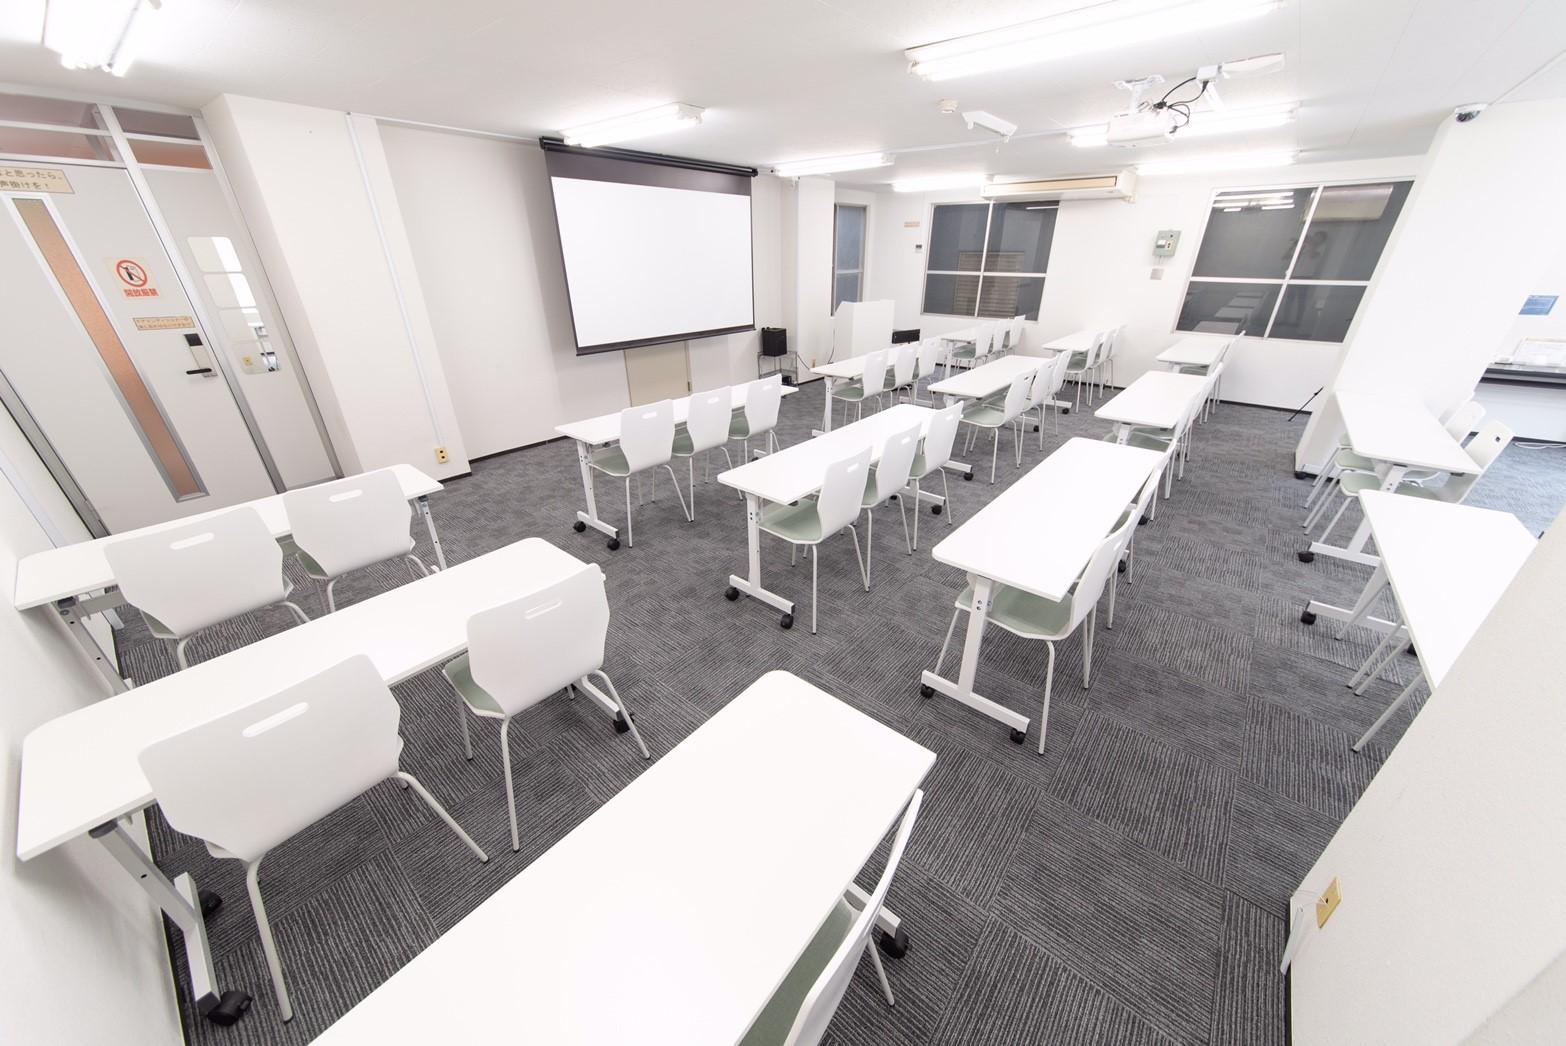 シンプルで使い勝手◎ みんなの会議室 赤坂に取材に行ってきました!|TIME SHARING|タイムシェアリング |スペースマネジメント|あどばる|adval|SHARING